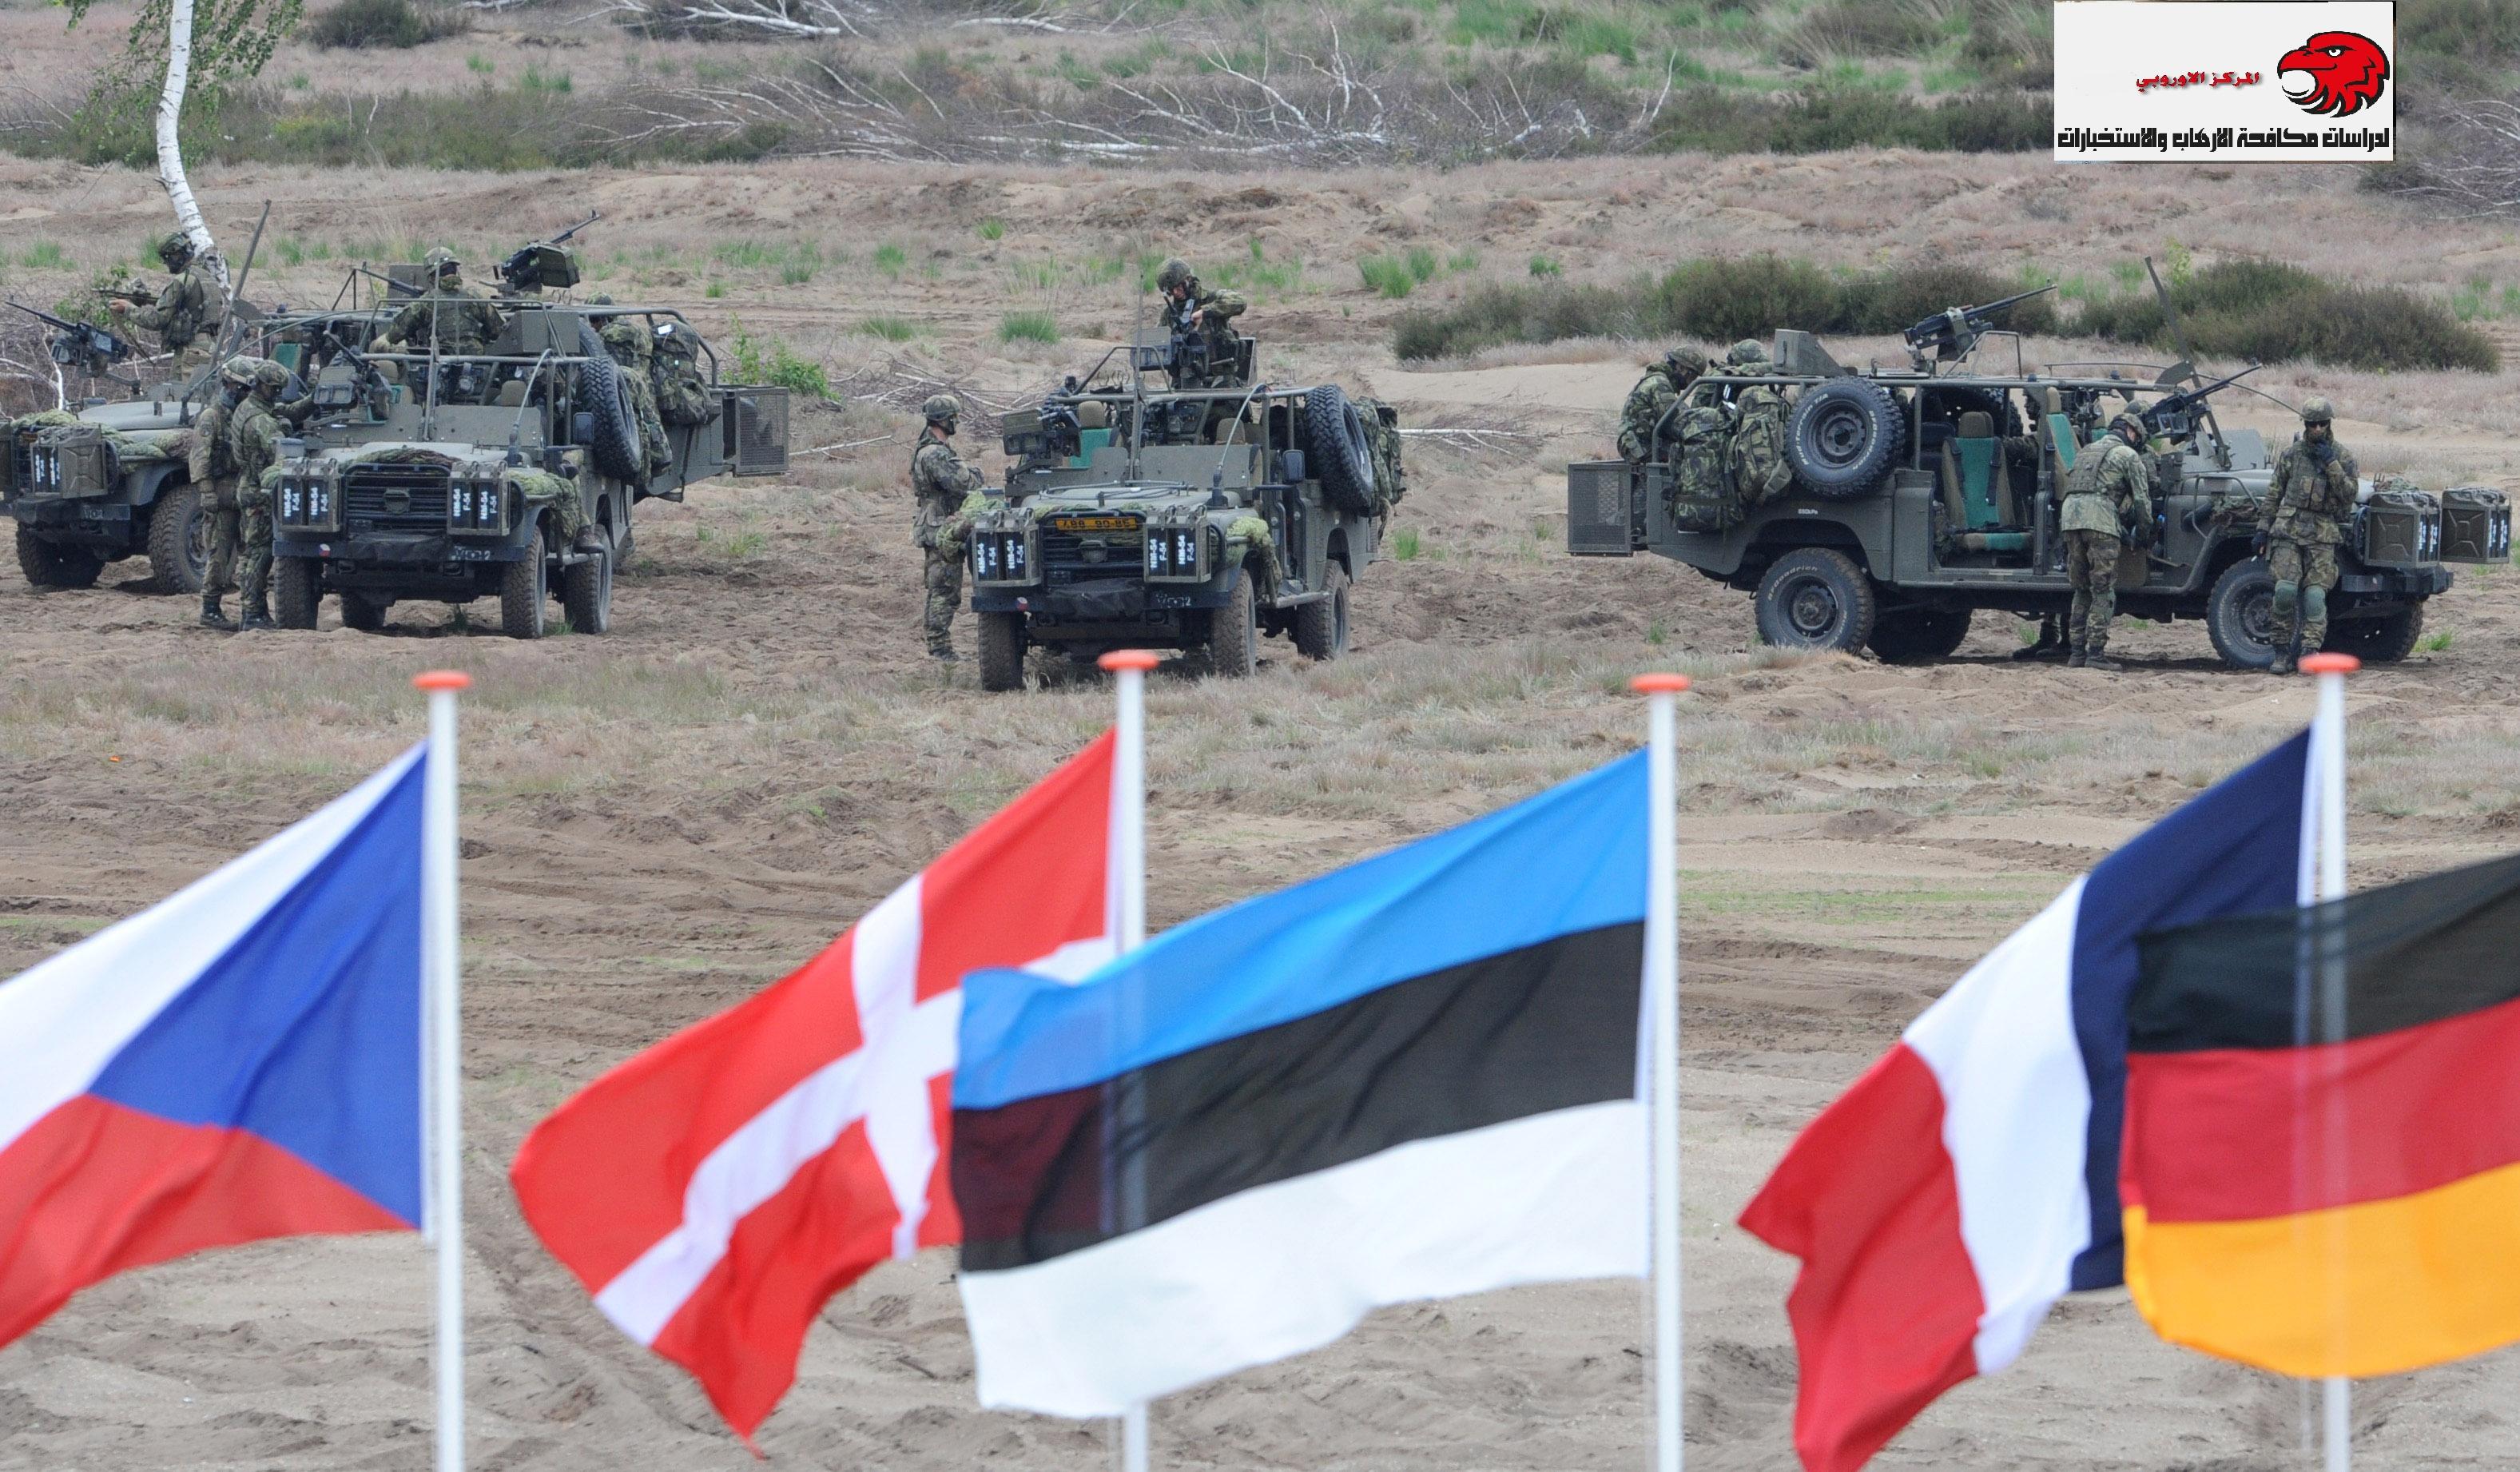 إستراتيجية خط الدفاع الأول لأوروبا وتشكيل جيش مشترك